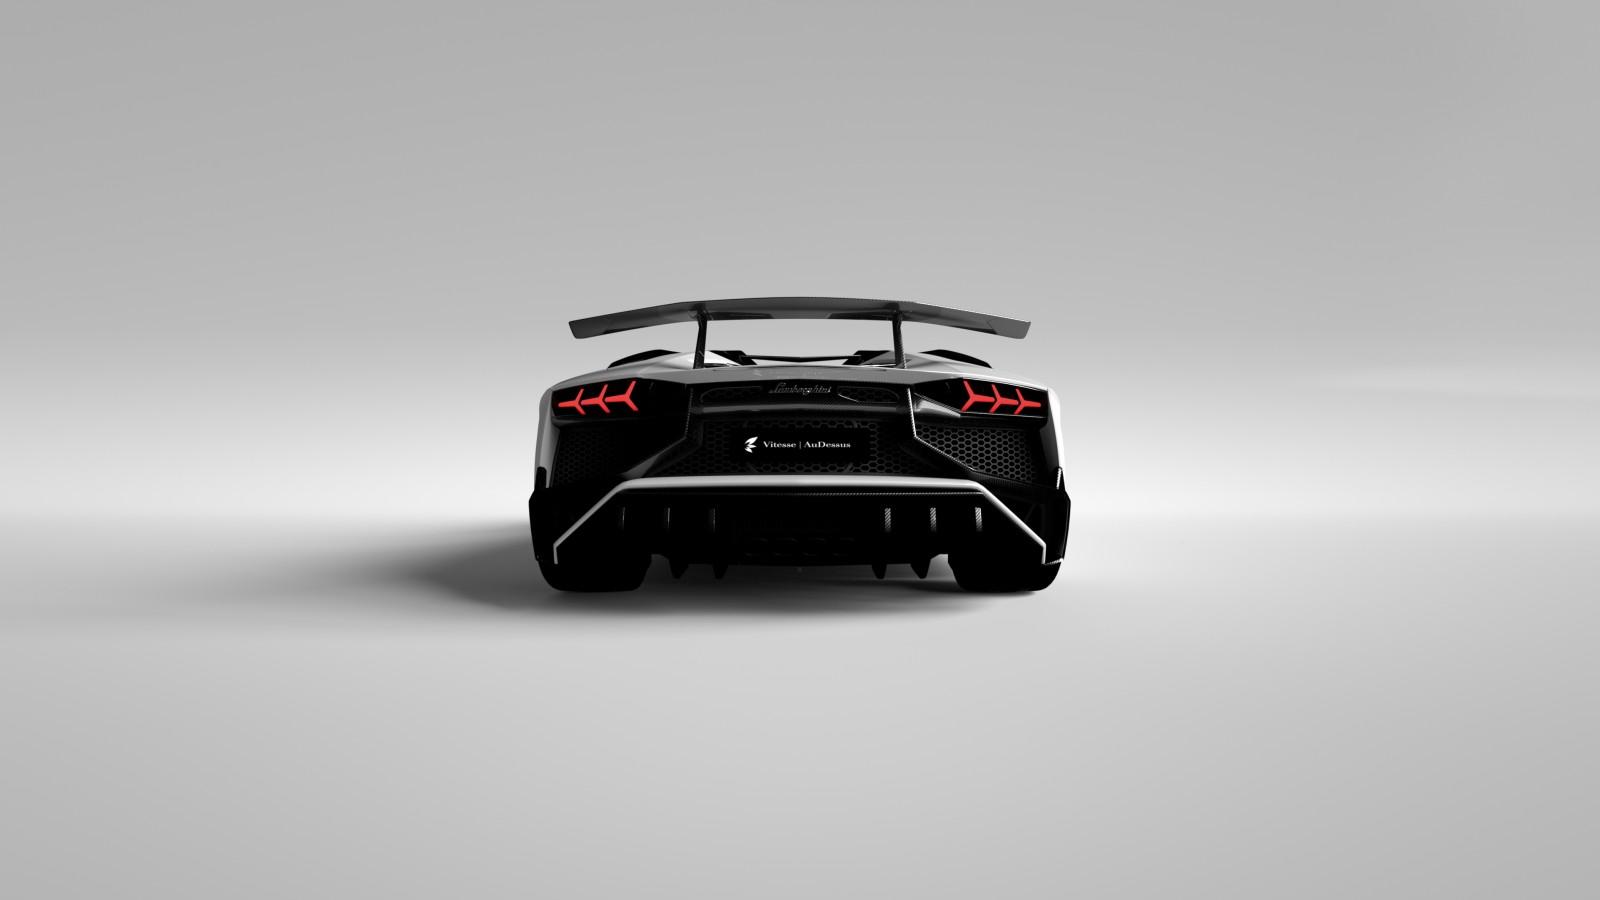 Lamborghini Aventador LP750-4 Superveloce - Vitesse Audessus (9)